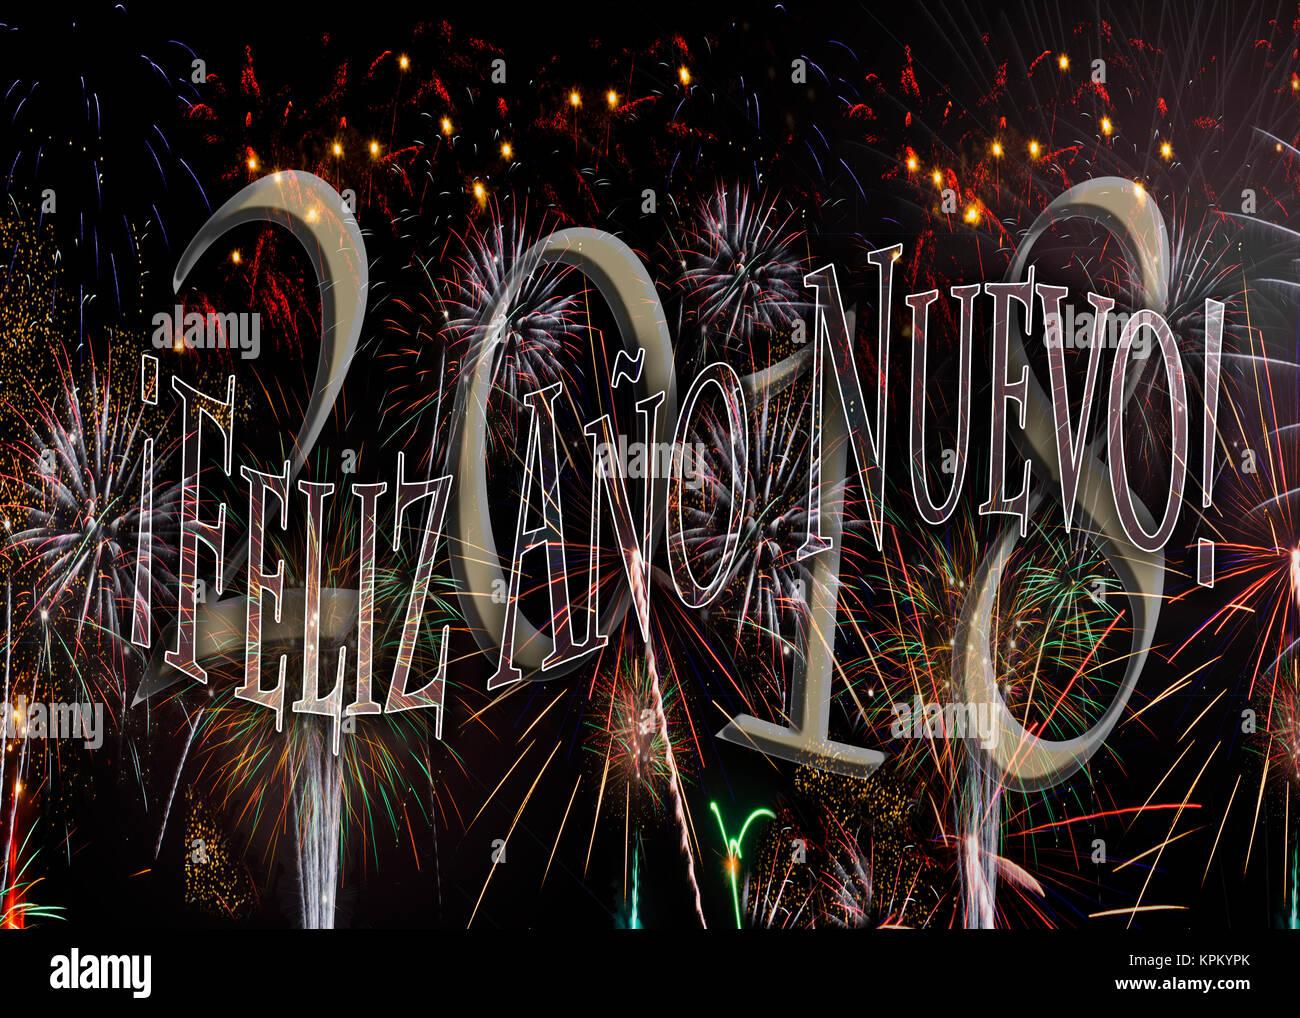 Englisch Neujahrsgrüße Stockfotos & Englisch Neujahrsgrüße Bilder ...